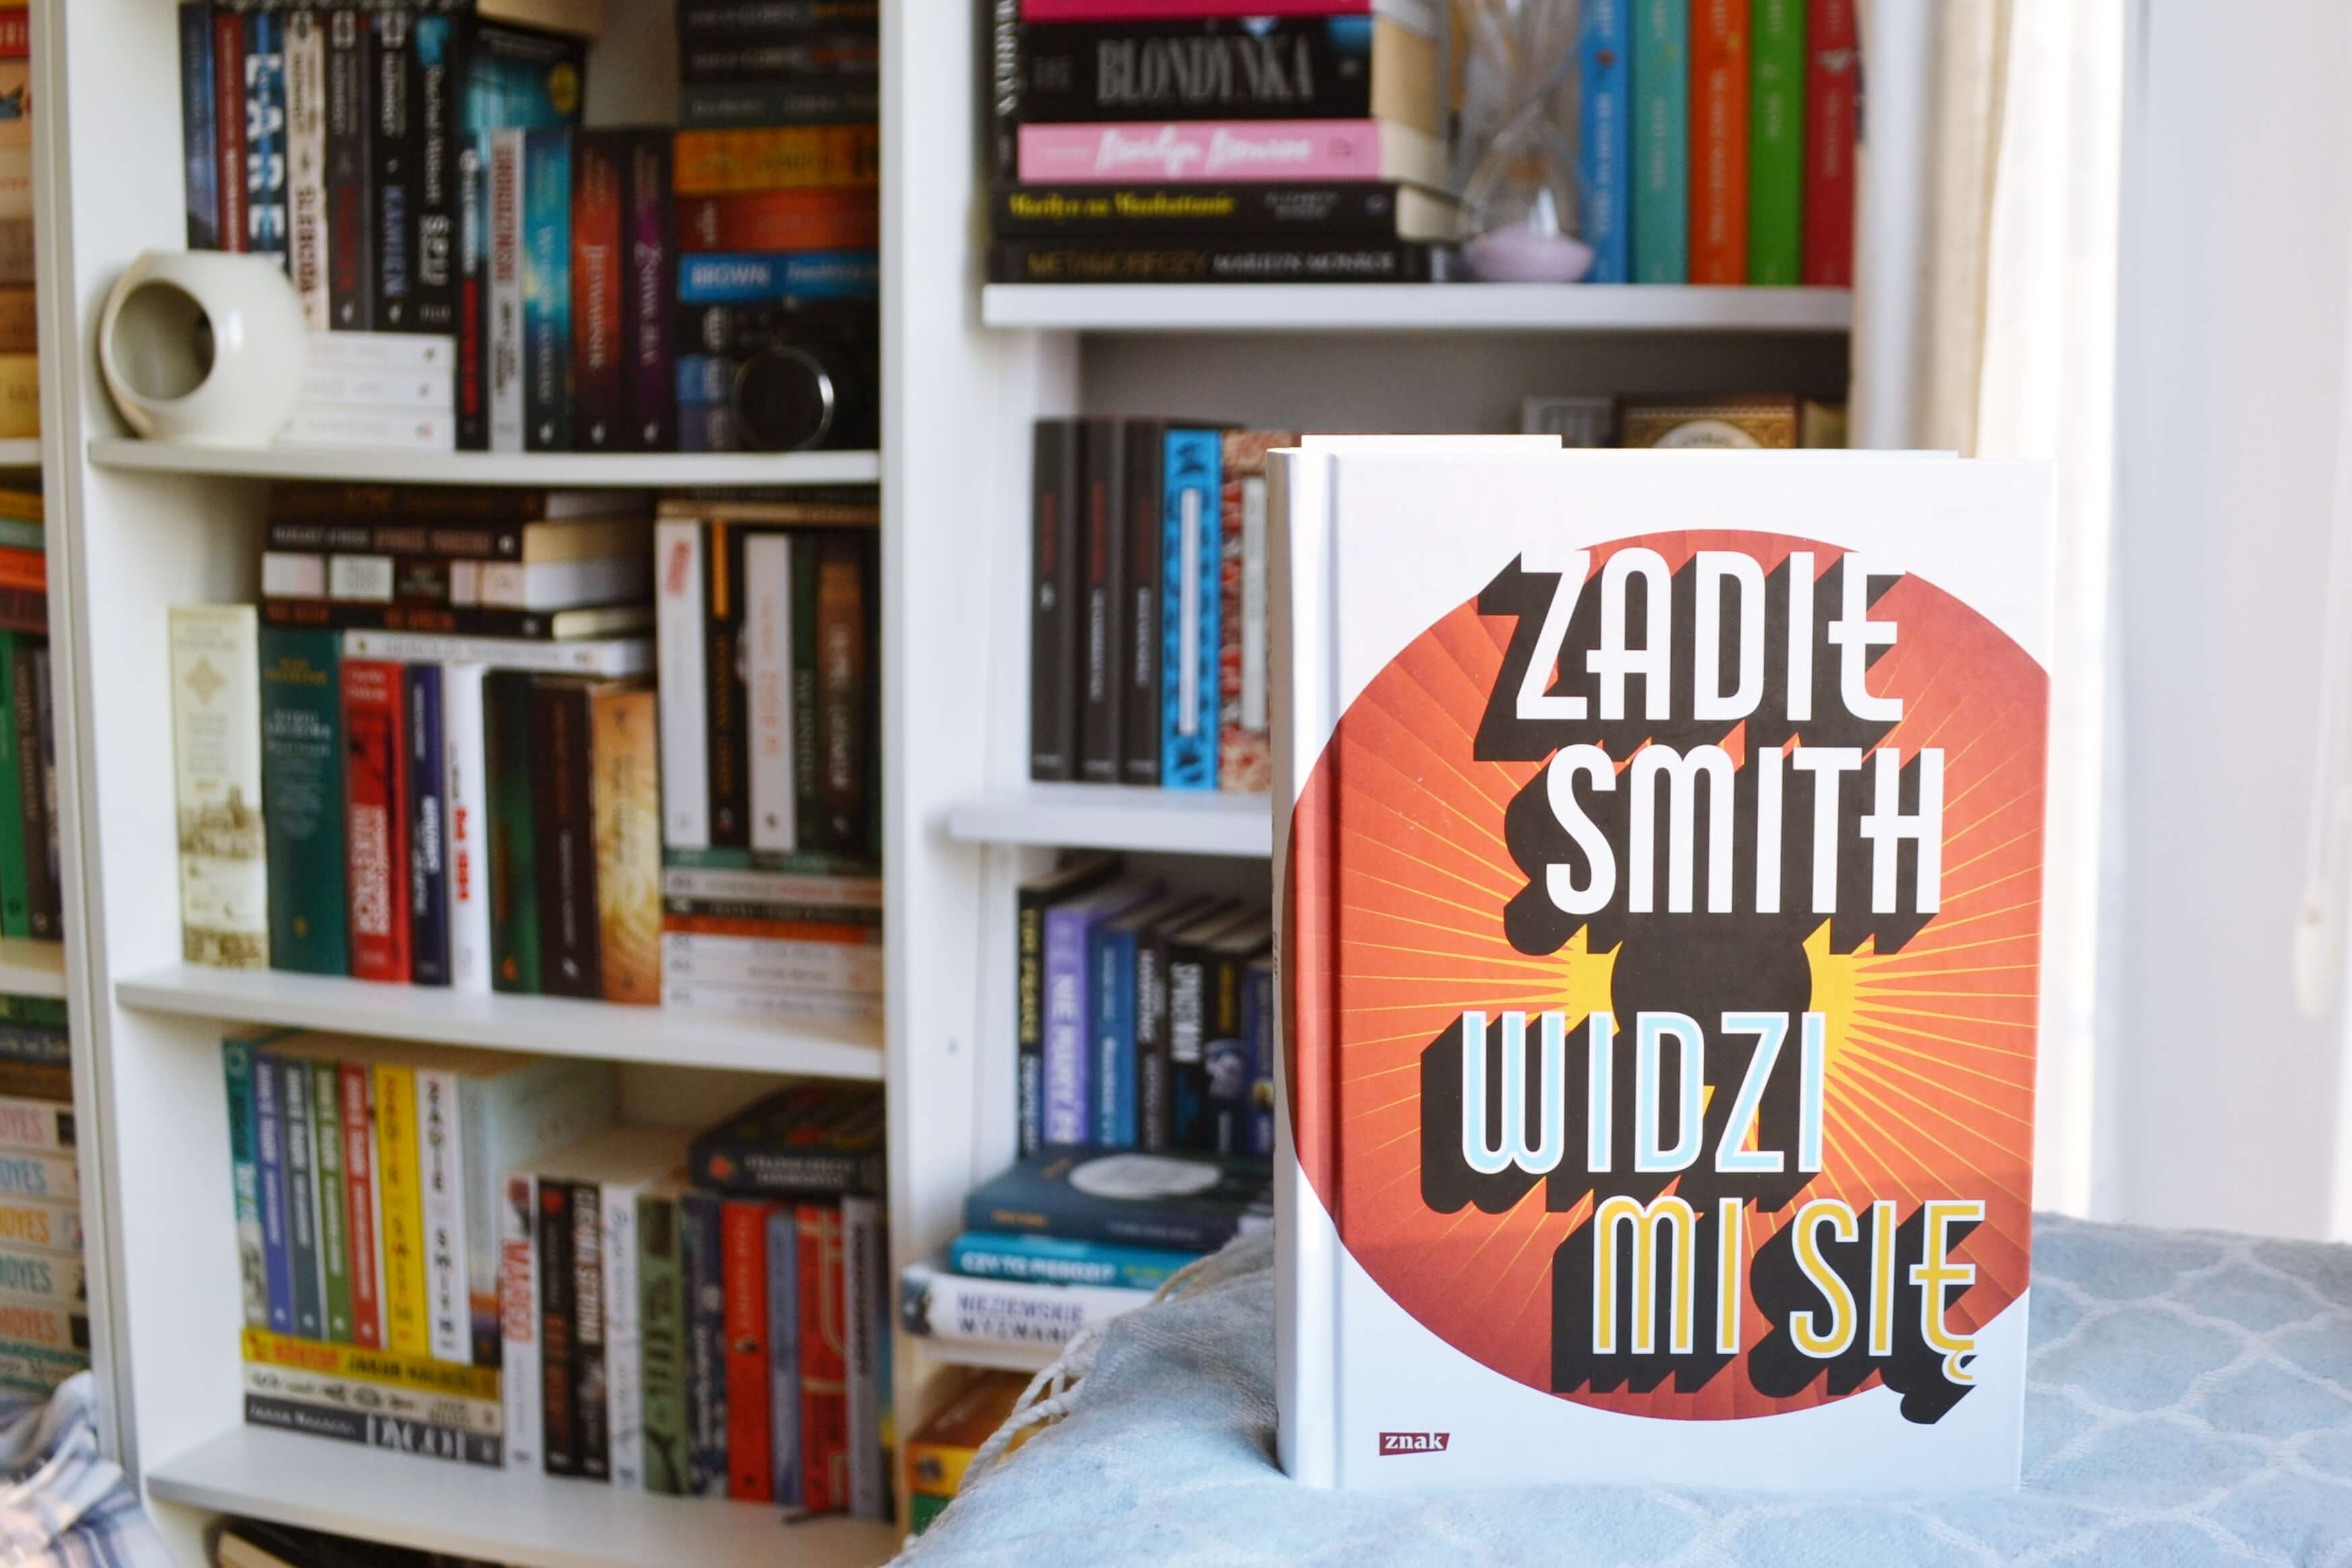 Widzi mi się - Zadie Smith